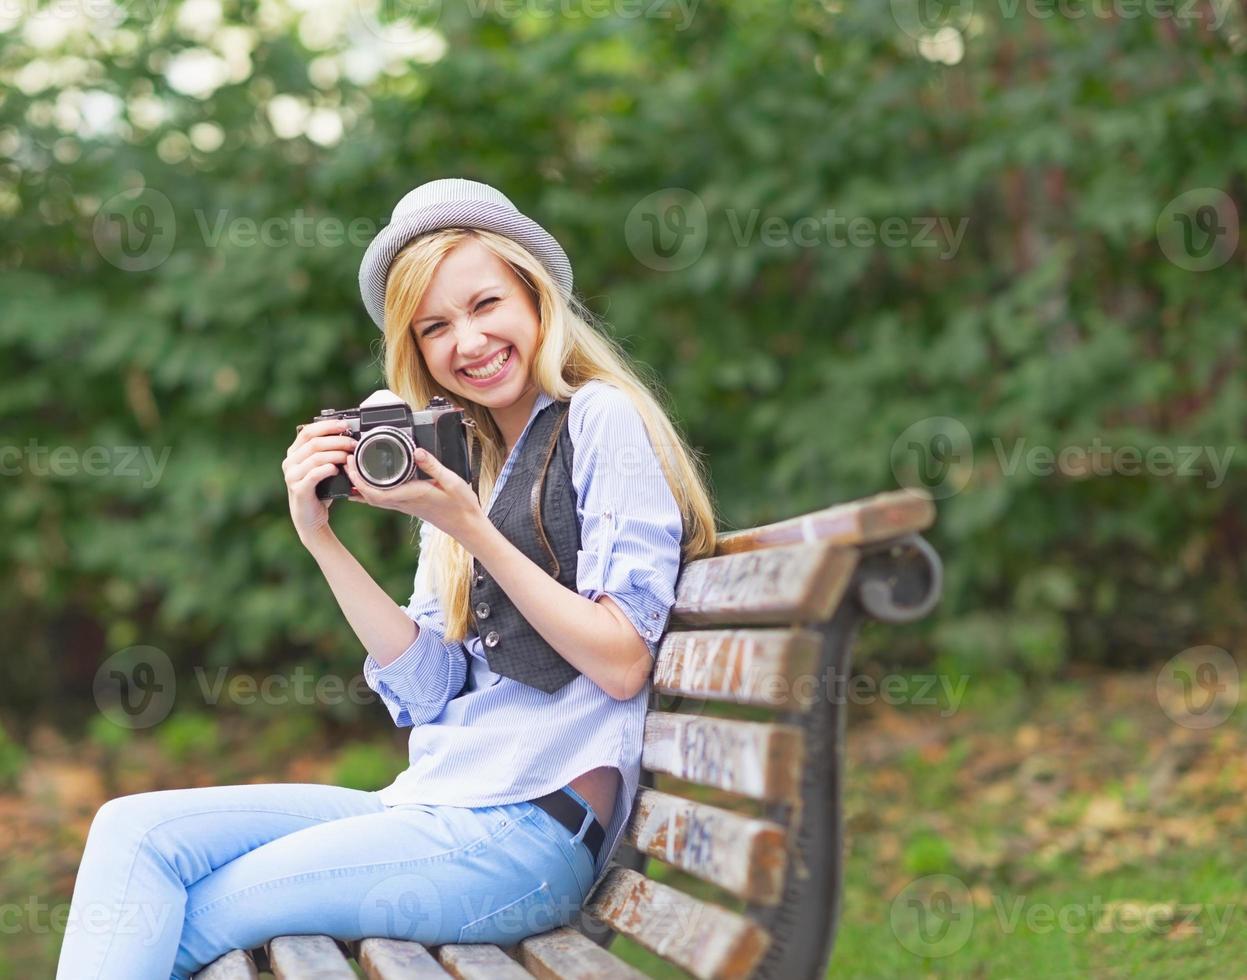 fille souriante hipster avec appareil photo rétro assis sur un banc